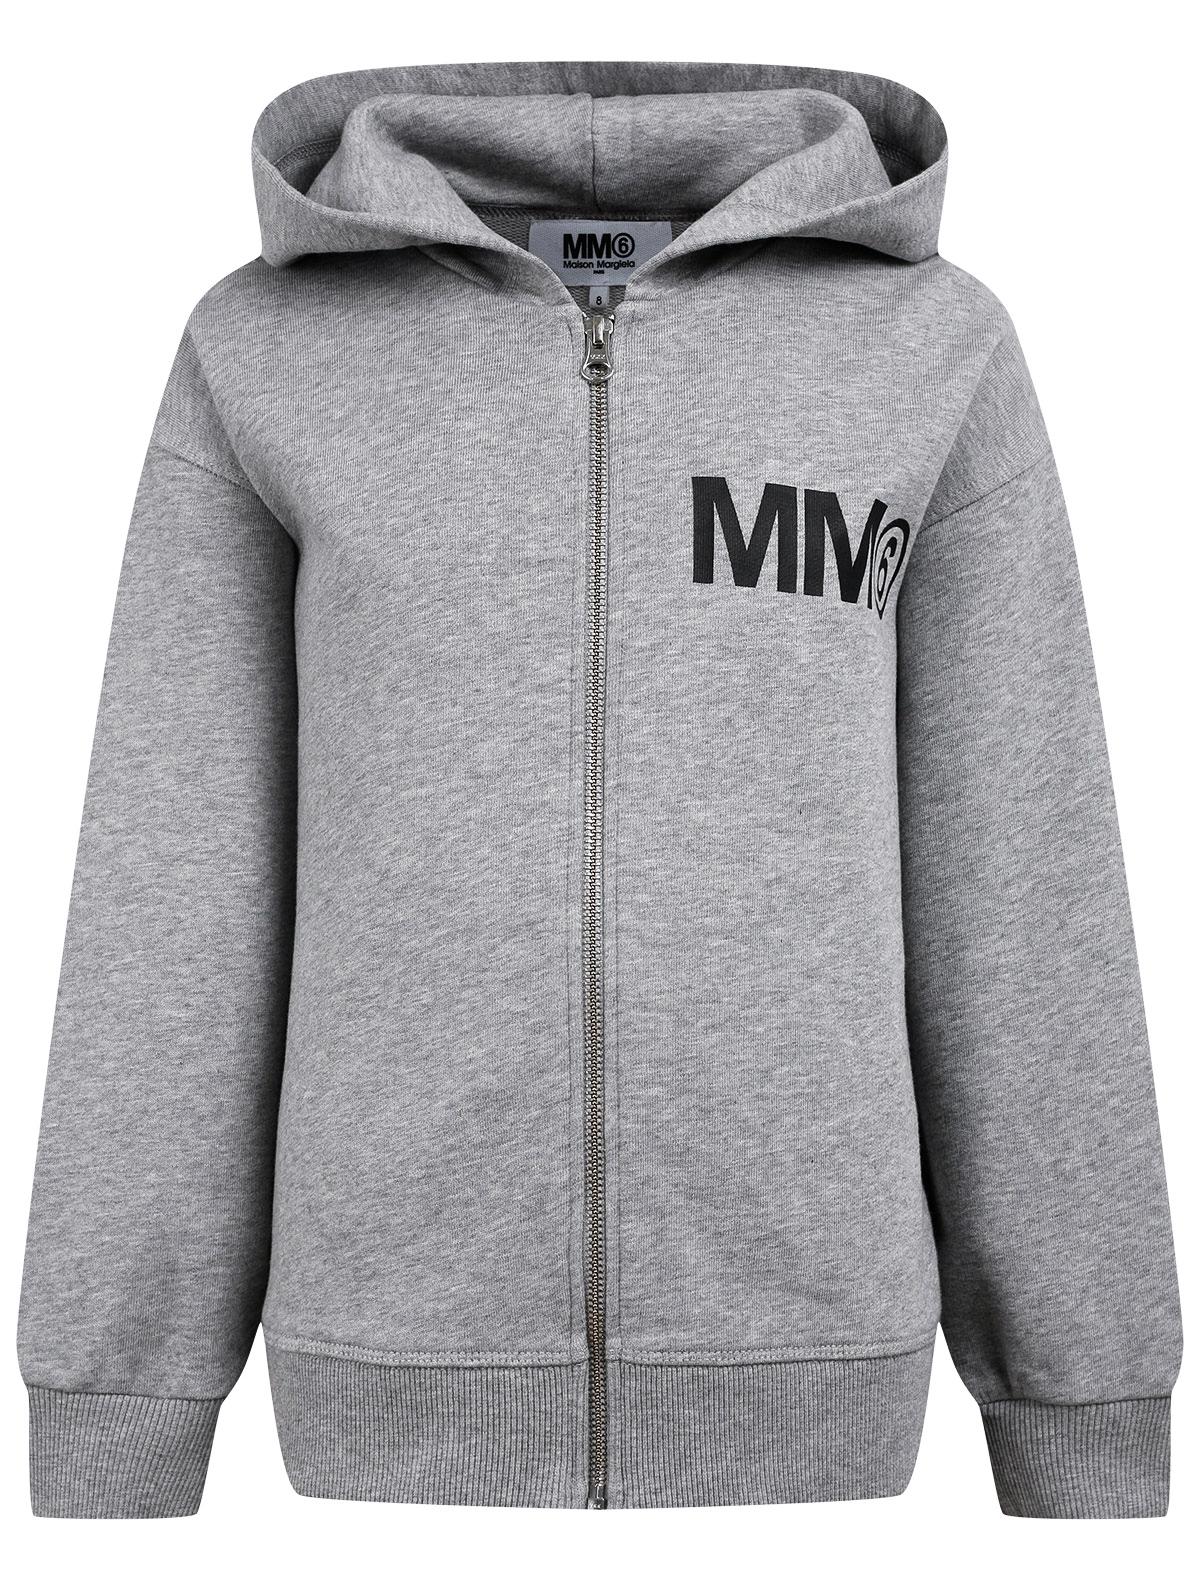 Купить 2345727, Толстовка MM6 Maison Margiela, серый, 0074529180703